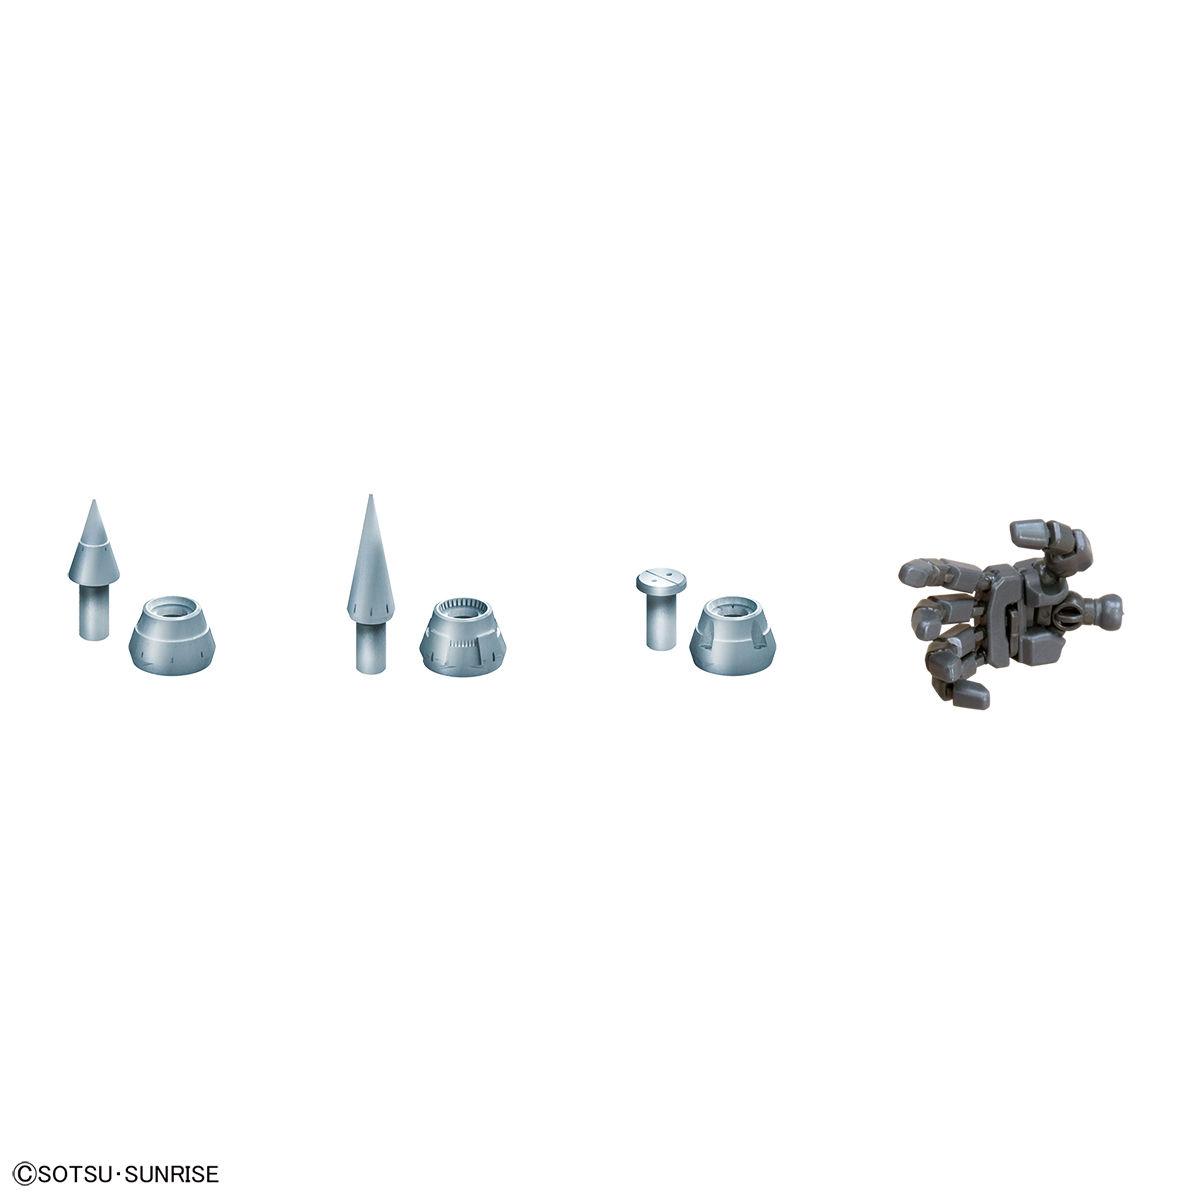 1/100 ガンダムベース限定 MSスパイク01&エモーションマニピュレーター(ジオン系) 商品画像